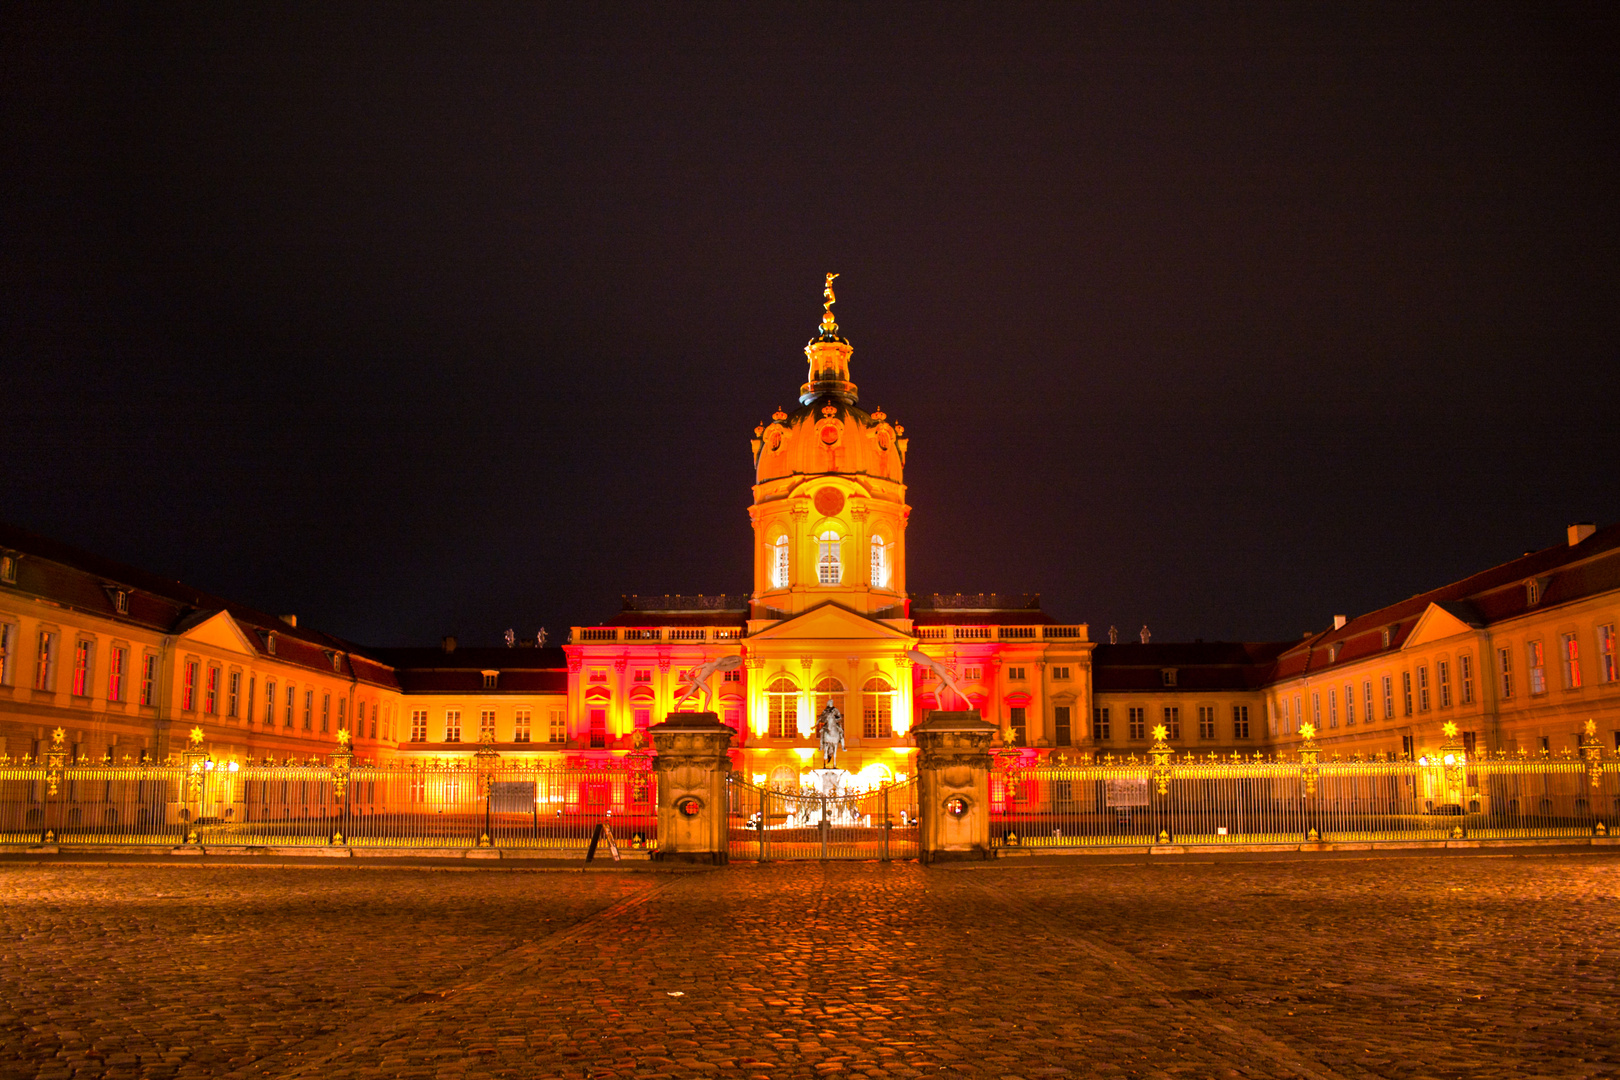 Schloss im HDR Look 2